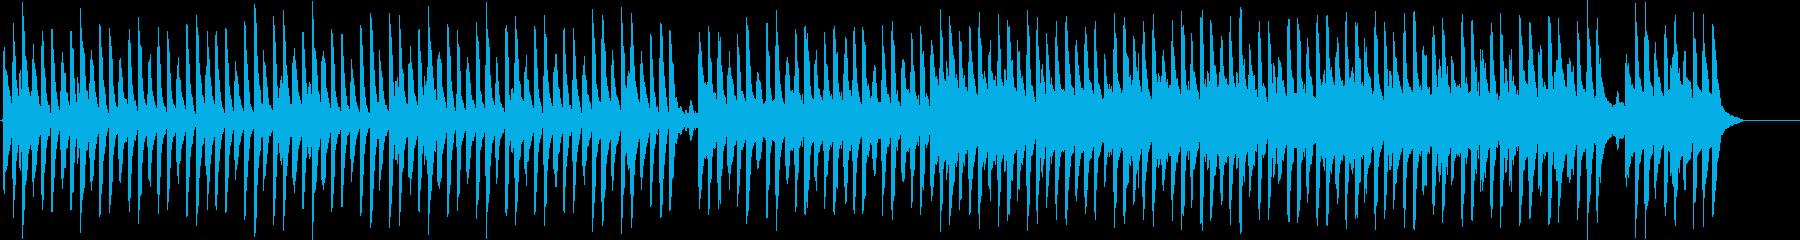 クリスマスソング「サイレントナイト」の再生済みの波形